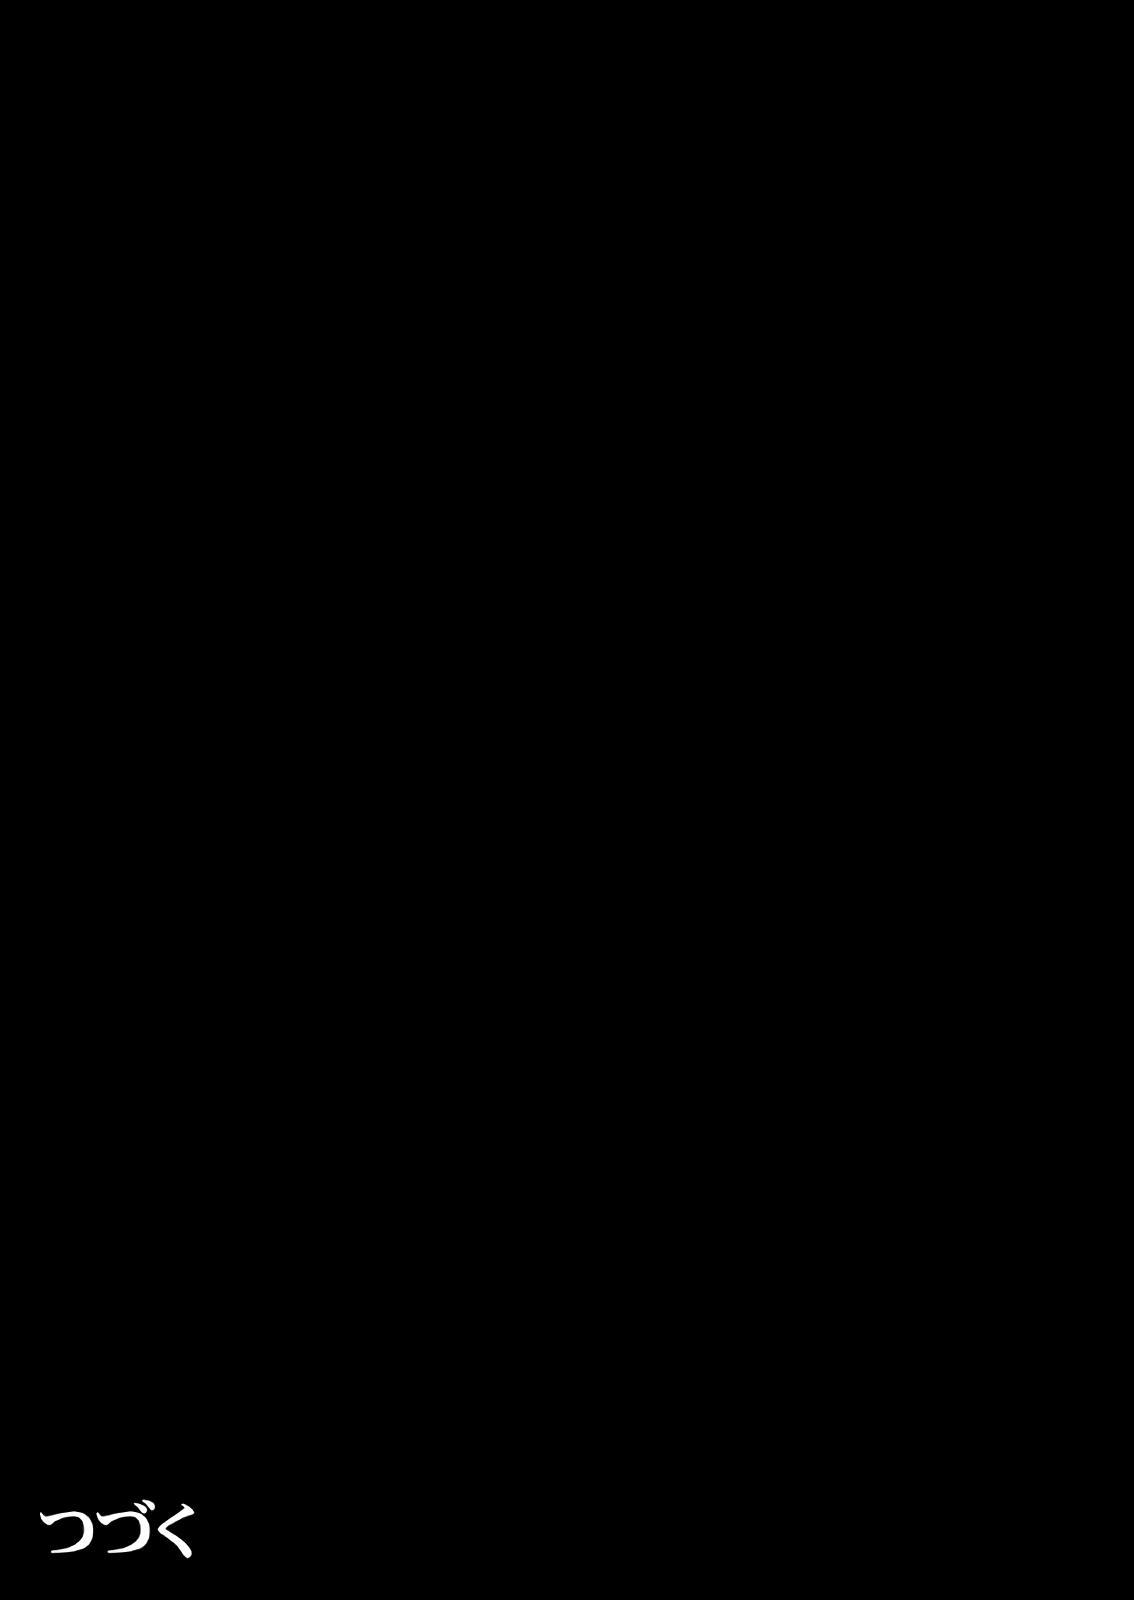 【闇夜の黙示録~蠢く狂人~】第一話+第二話 31